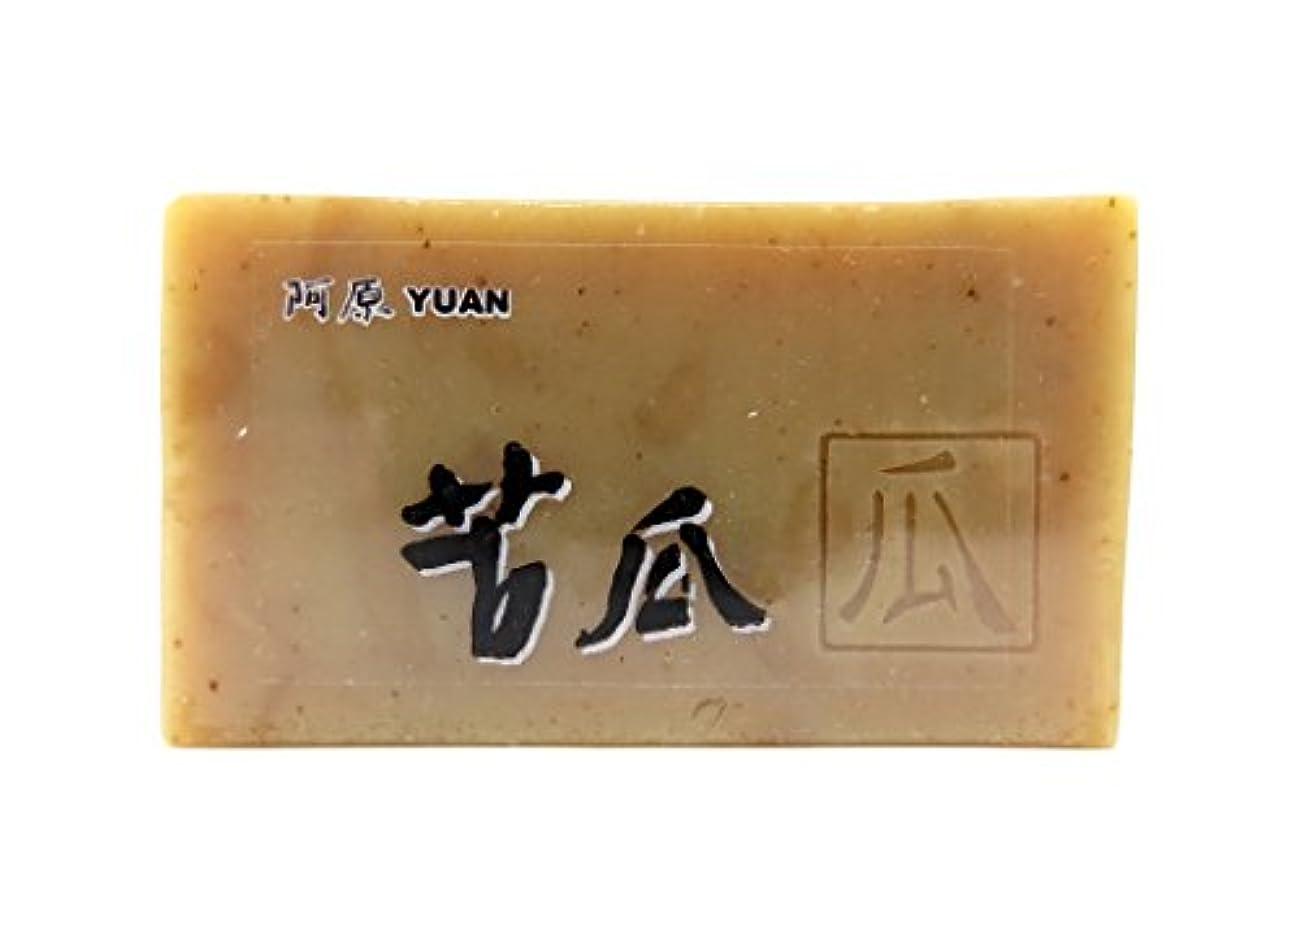 見出し文明抑圧YUAN SOAP ユアンソープ 苦瓜(にがうり) 100g (阿原 石けん 台湾コスメ)